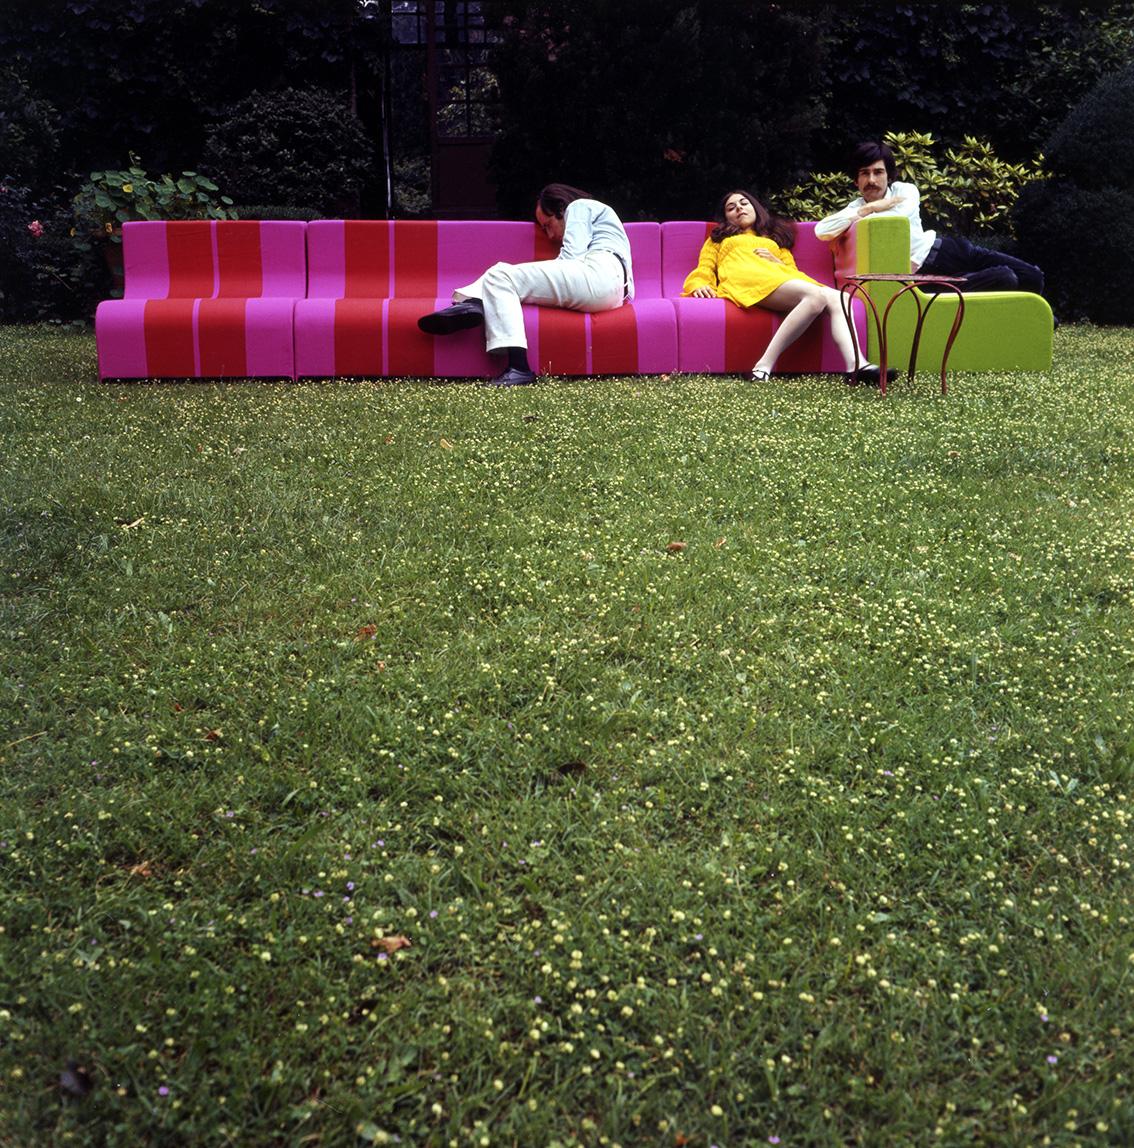 Sofo sofa and armchair, Poltronova, 1967–1968, Adolfo Natalini, Cristiano and Isabella Toraldo di Francia Villa Mercedes, 1968. Photograph